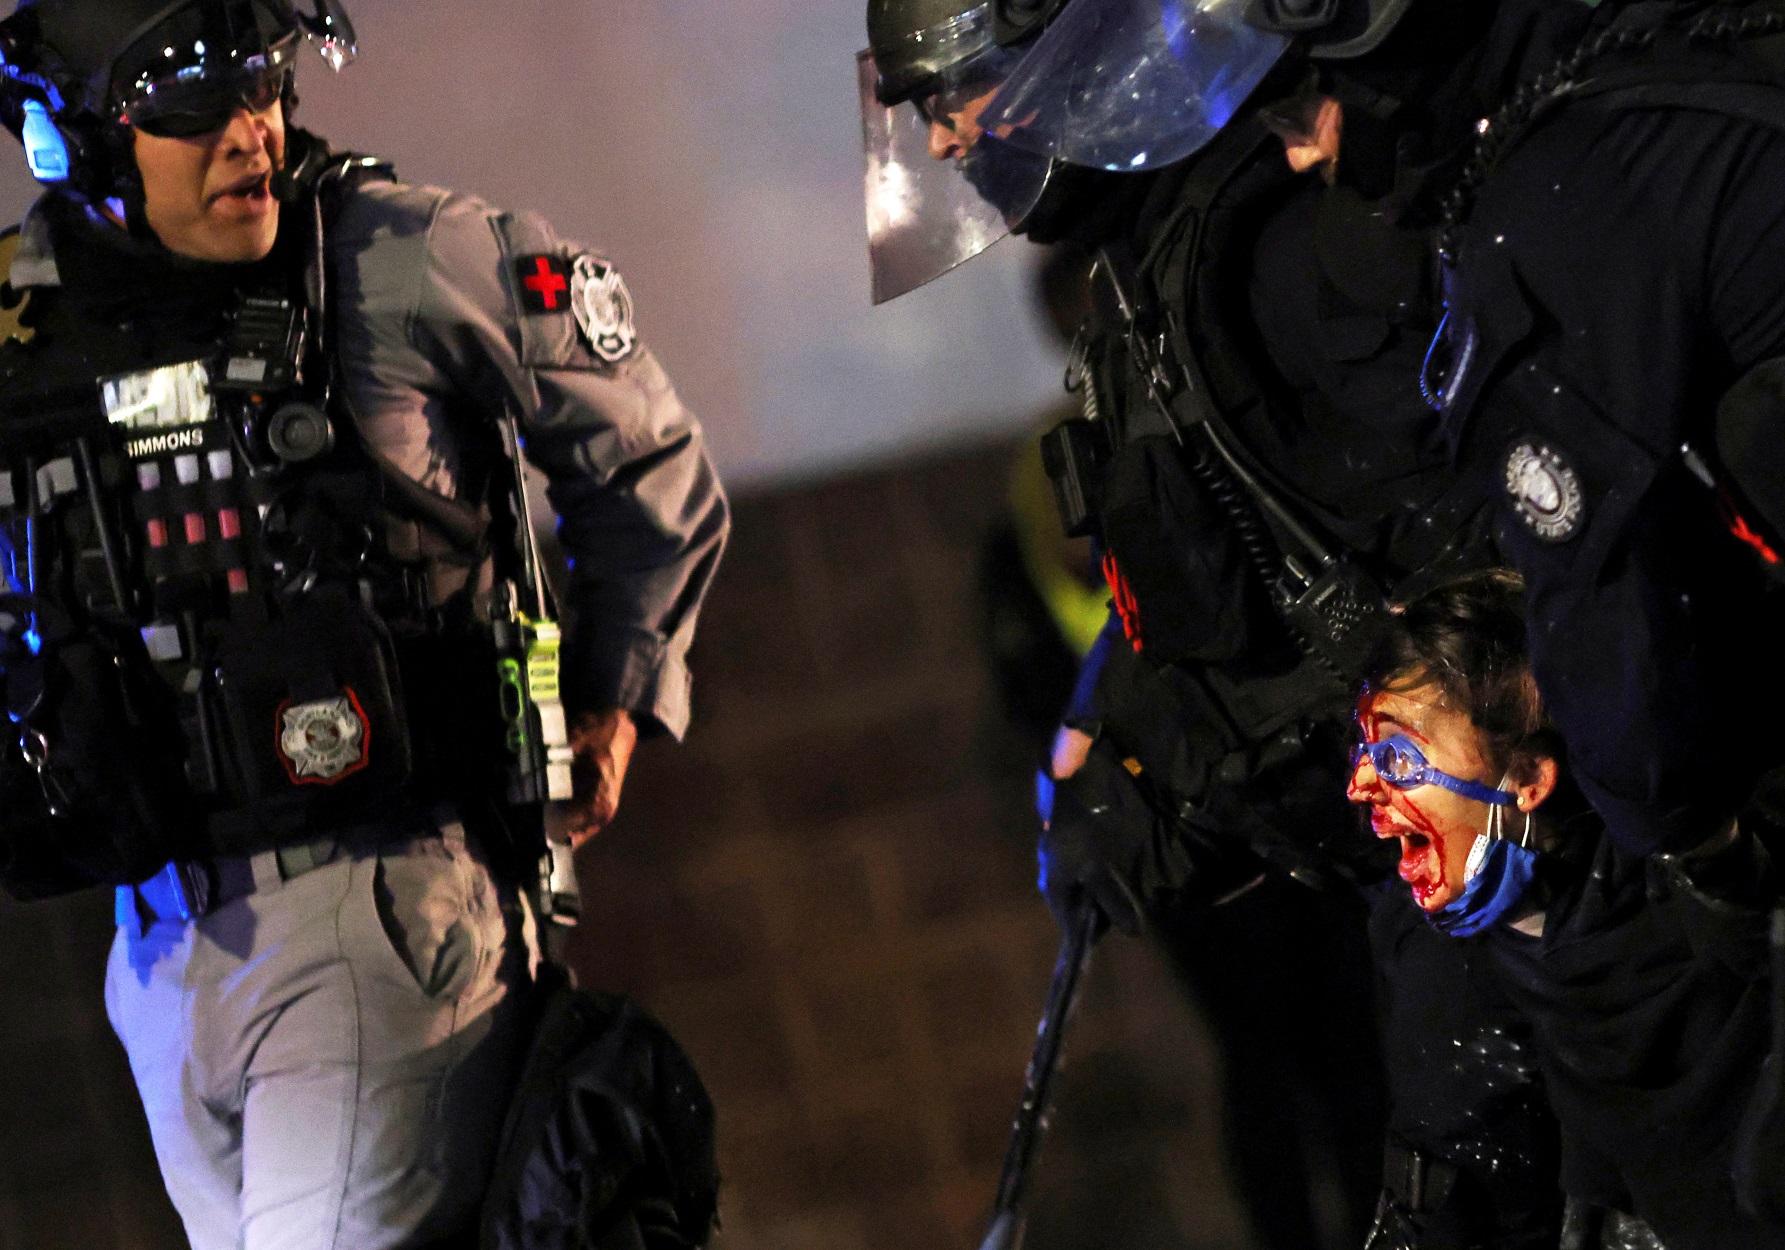 Πόρτλαντ: Εκτός ελέγχου – Μπαράζ συλλήψεων σε διαδηλώσεις κατά του ρατσισμού (pics, video)